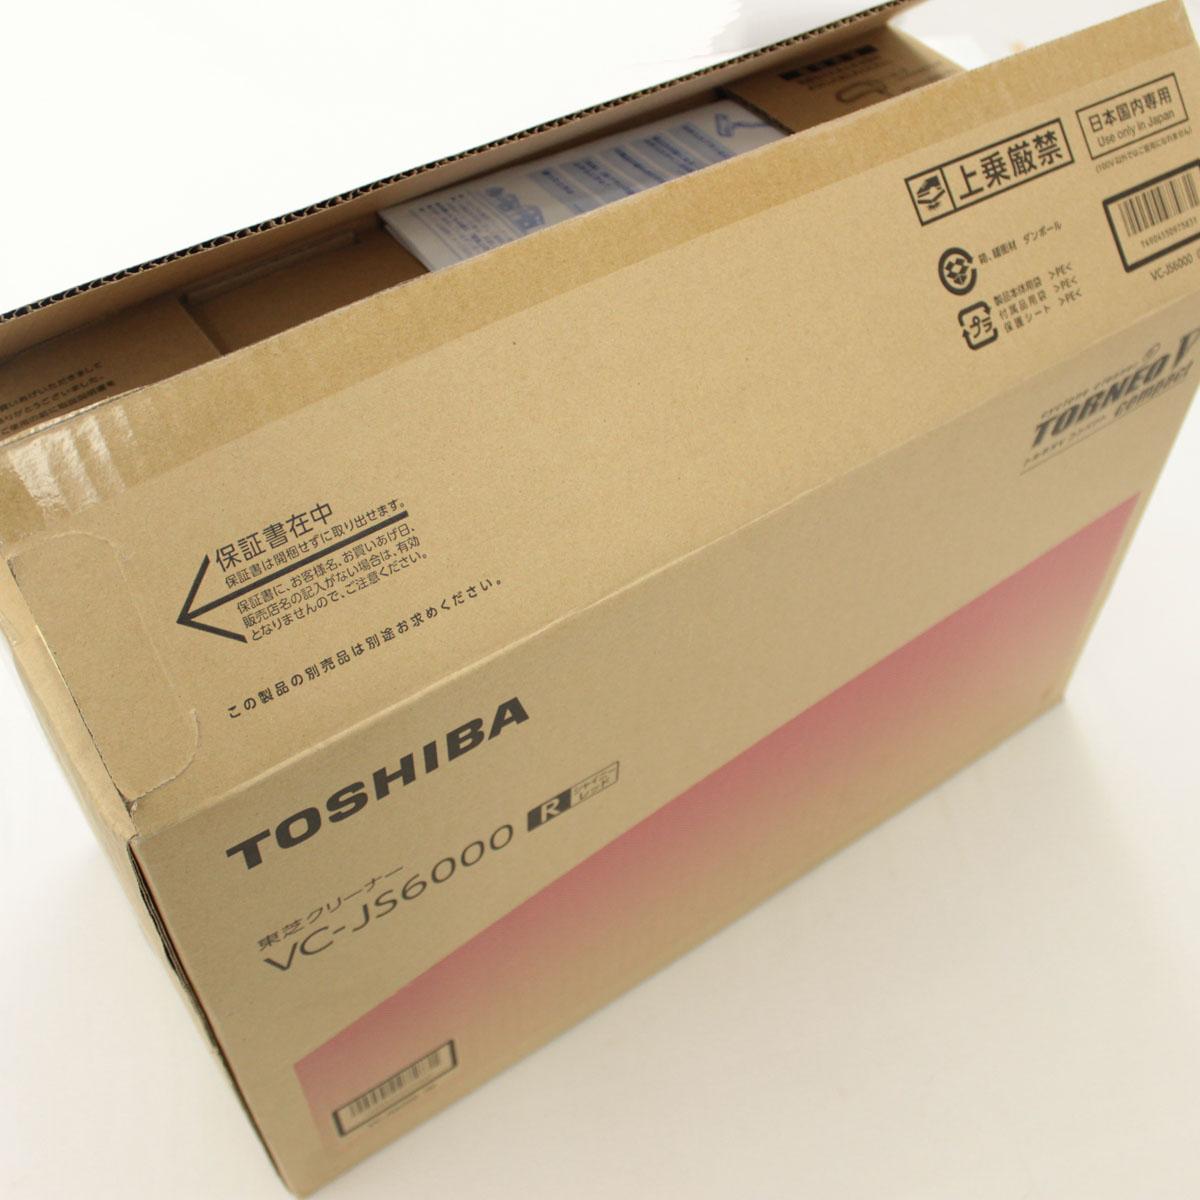 【中古】未使用品☆TOSHIBA 東芝 サイクロン クリーナー 掃除機 VC-JS6000 red /赤/レッド 2018年製 ☆ 25994-KY0419